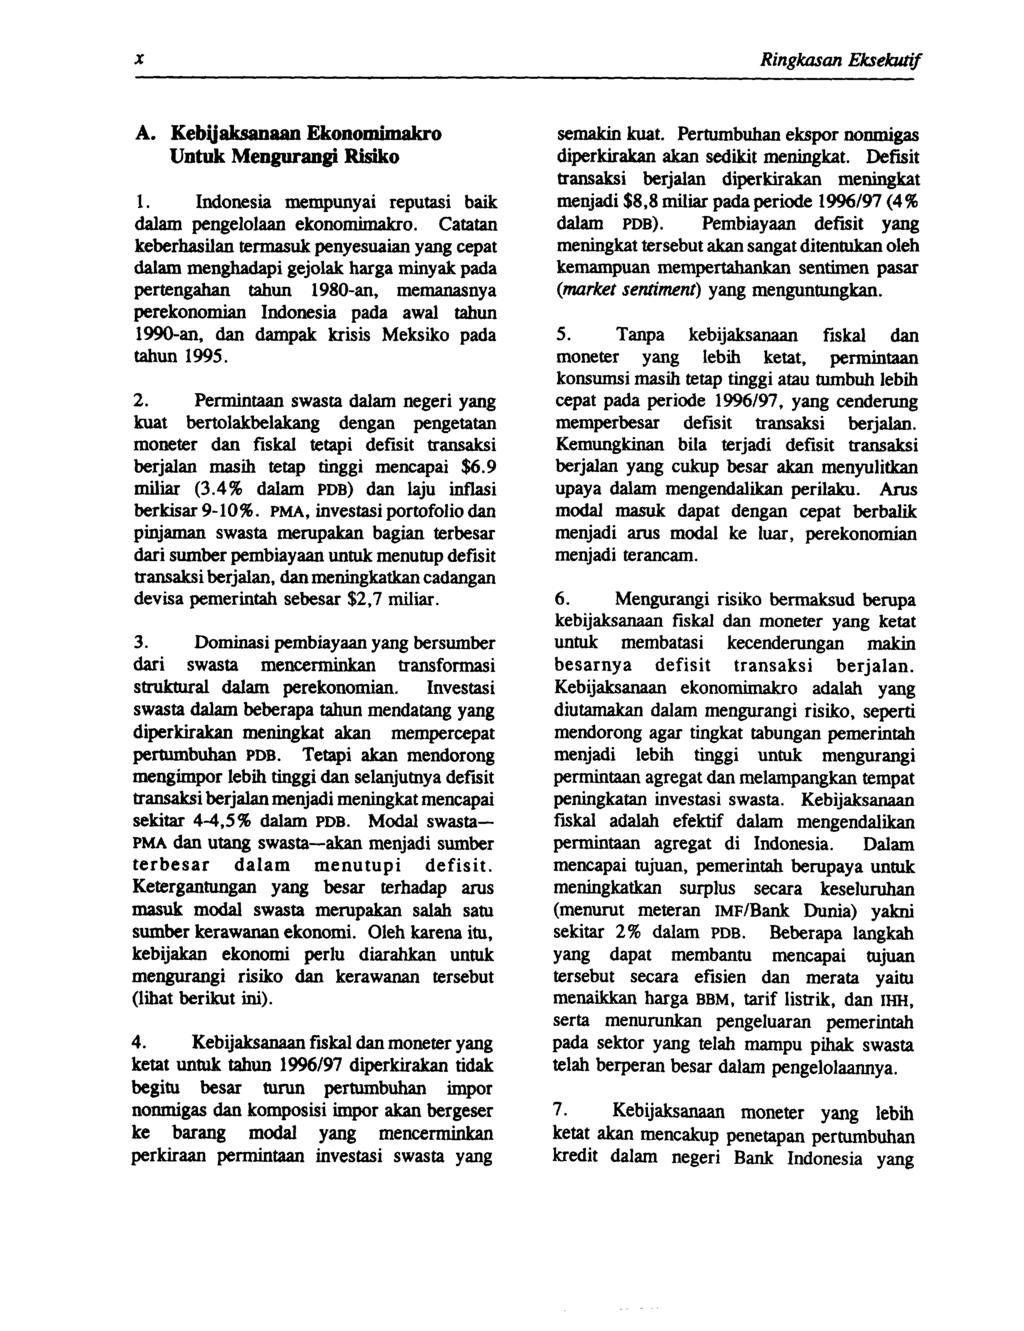 Soalan Peperiksaan Pertengahan Tahun Pendidikan Moral Tahun 5 Terhebat Indonesia Dimensions Of Growth Pdf Of Senarai Peperiksaan Pertengahan Tahun Pendidikan Moral Tahun 5 Yang Berguna Khas Untuk Para Guru Download!